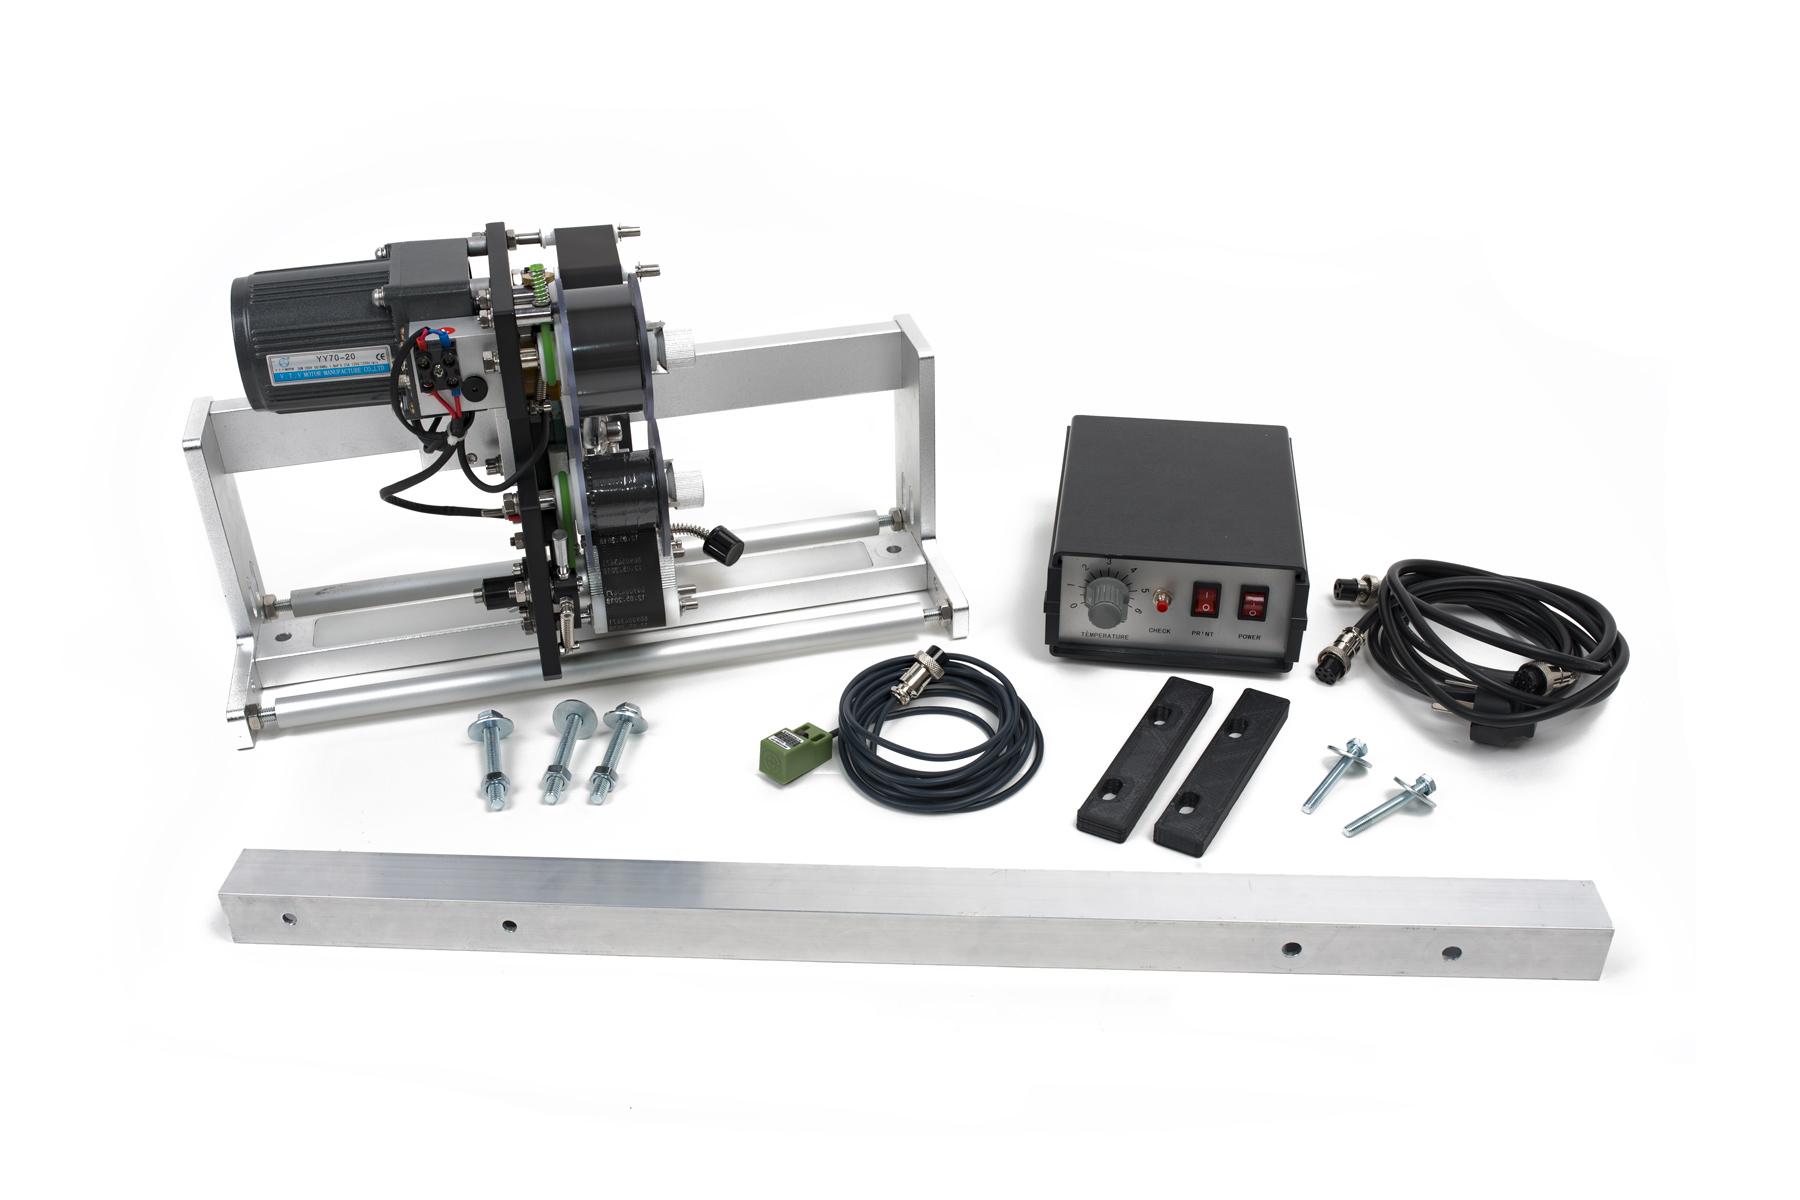 Termotransférová tiskárna HP-241F s montáží pro Automatický vertikální balící stroj do 99g